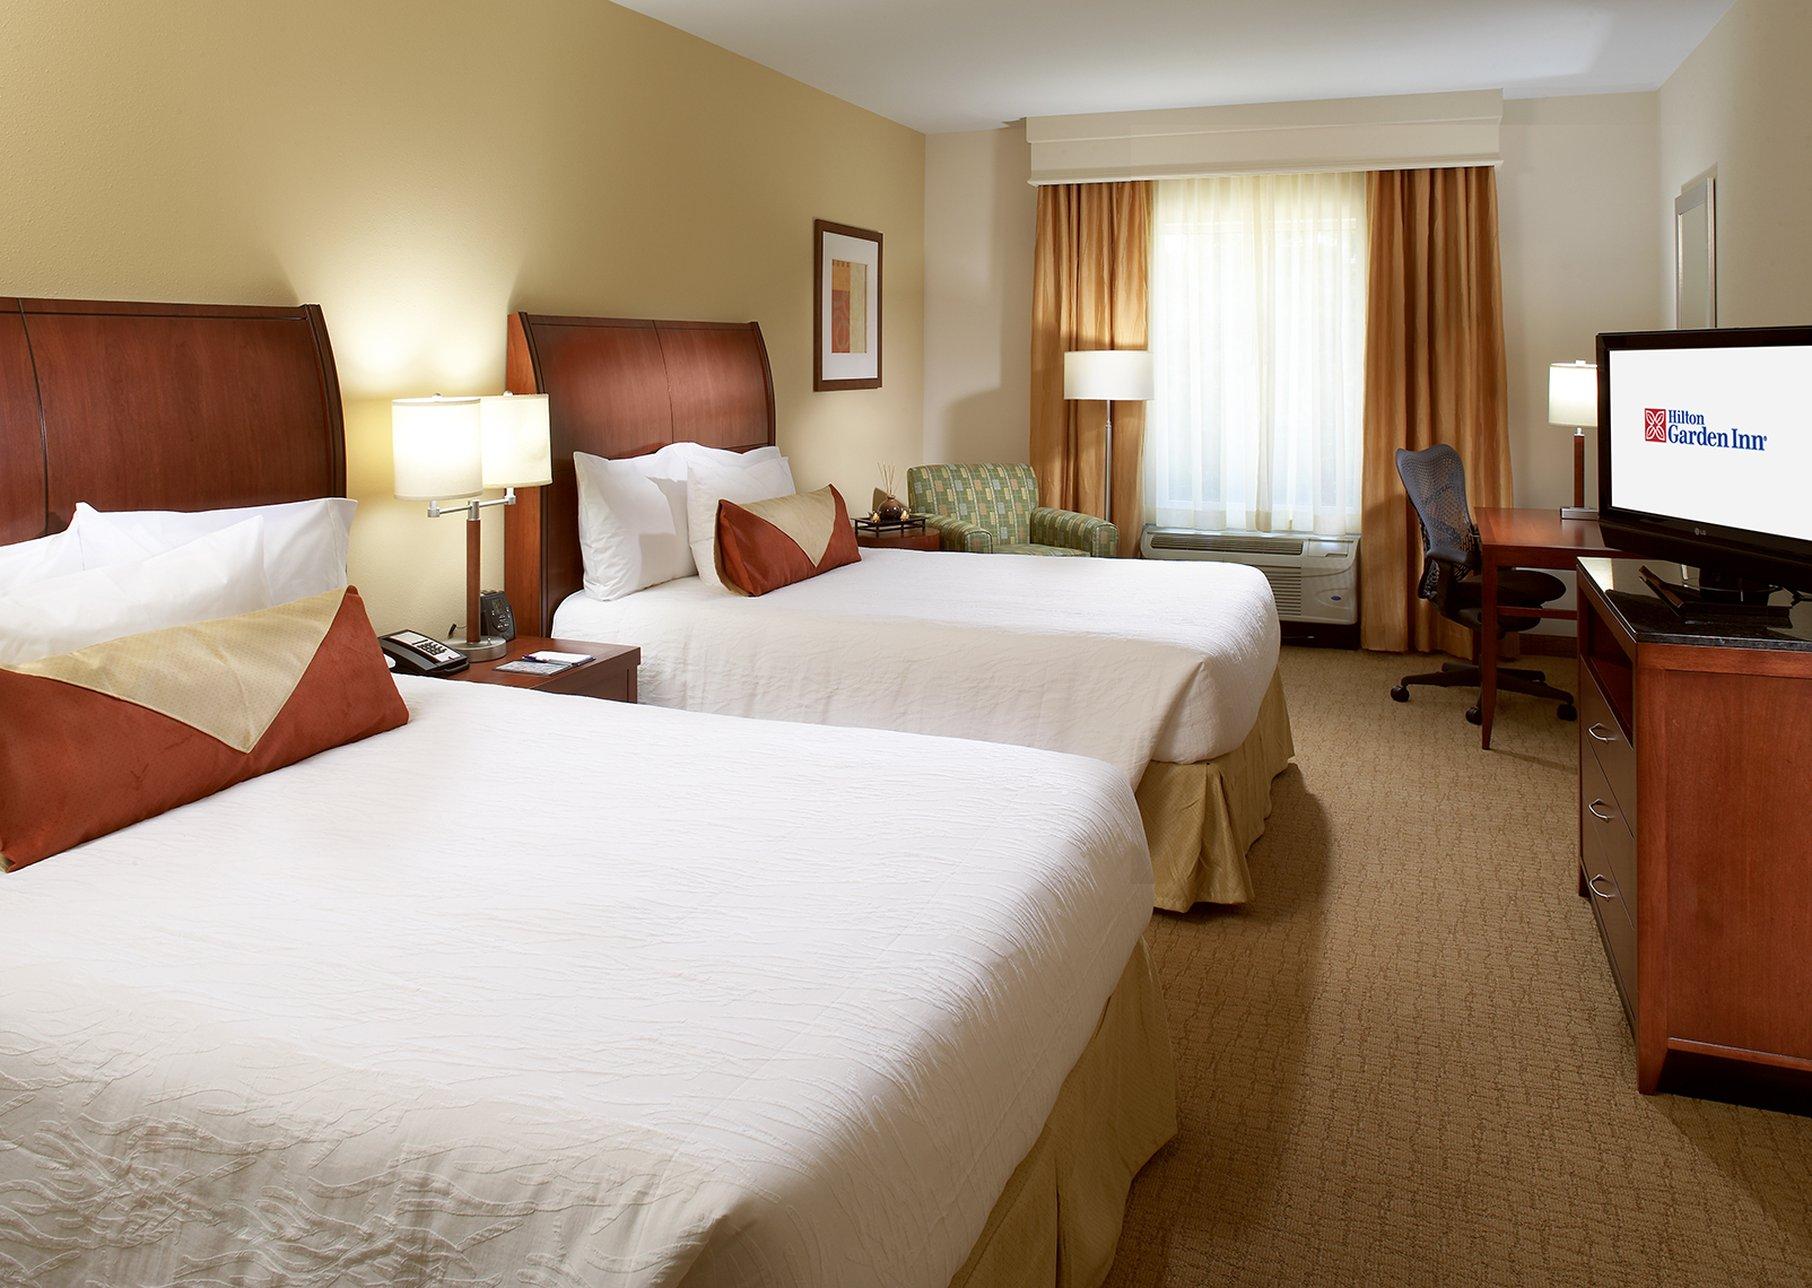 Hilton Garden Inn Dallas Arlington